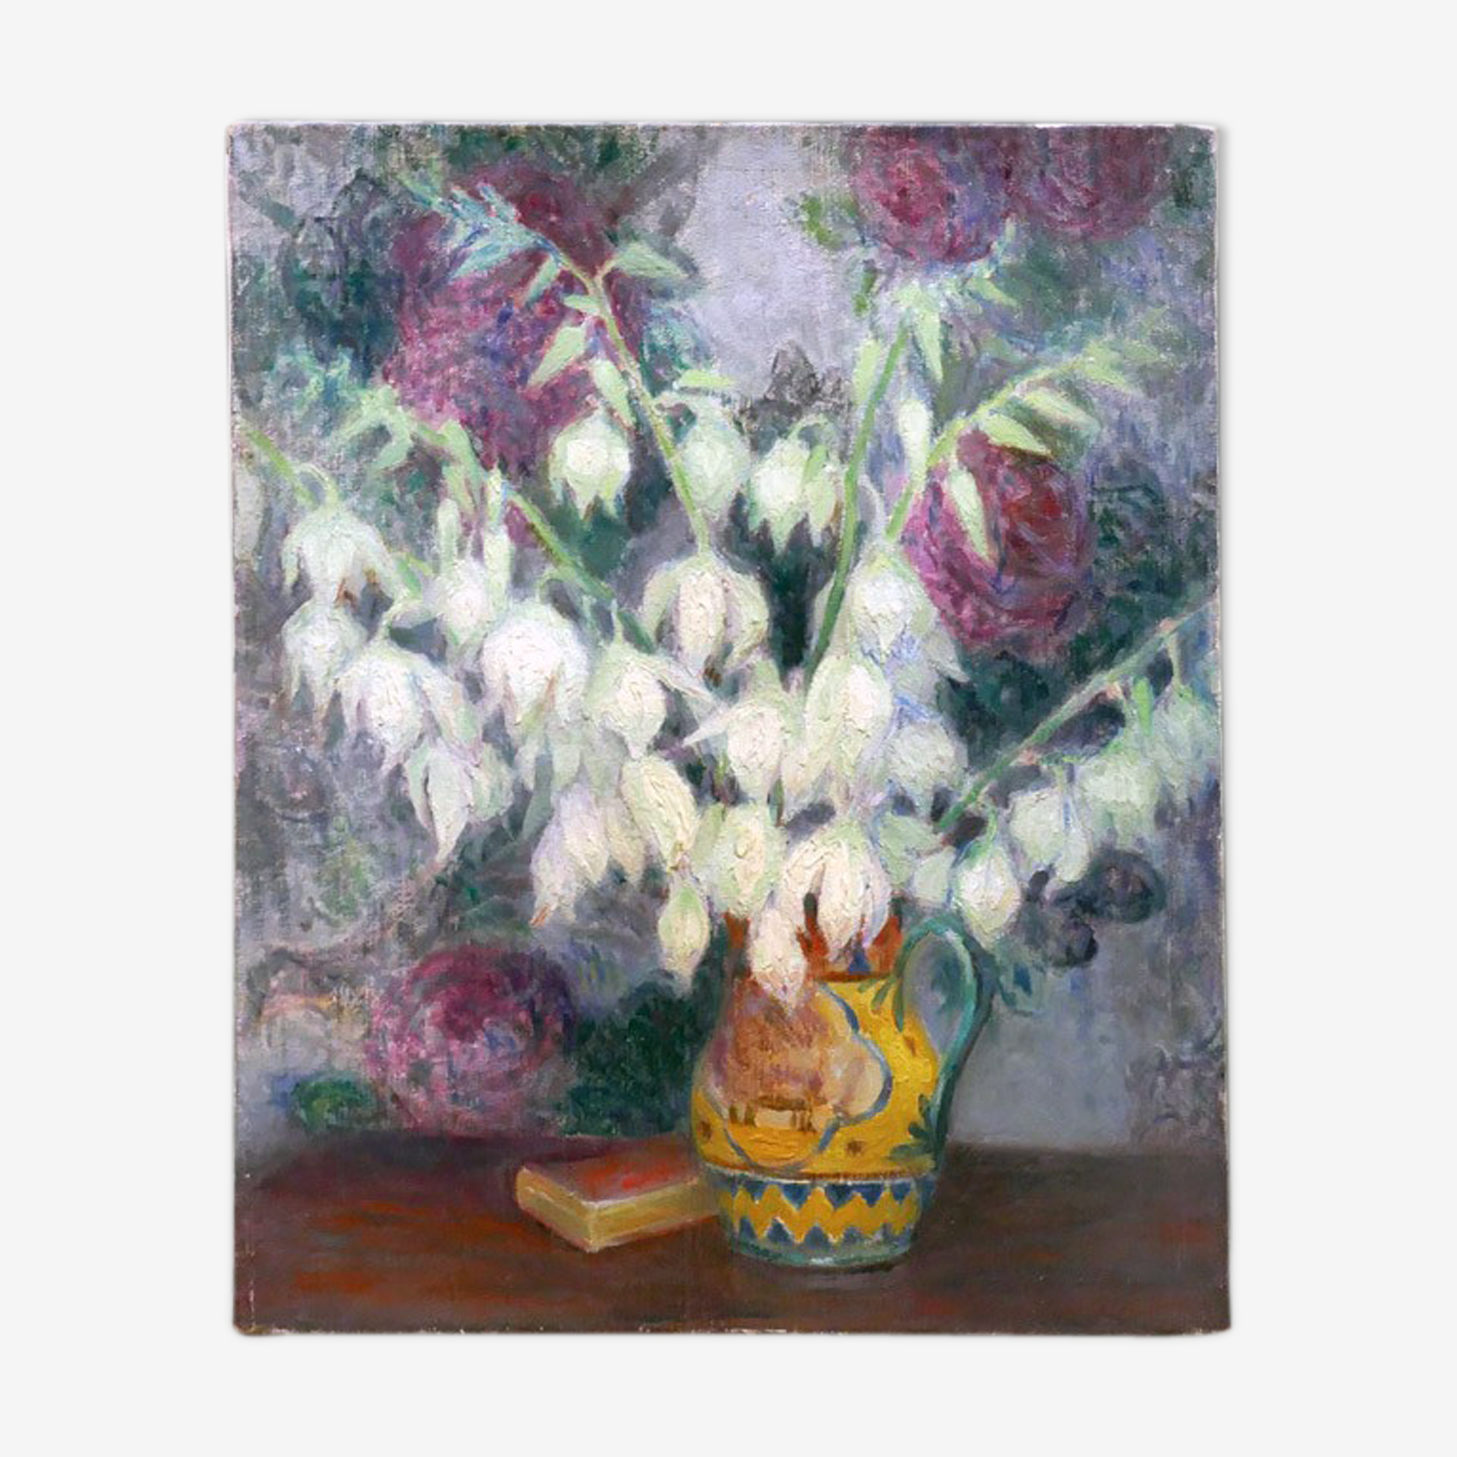 Tableau impressionniste nature morte composition florale avec livre attribué à G.Grenthe